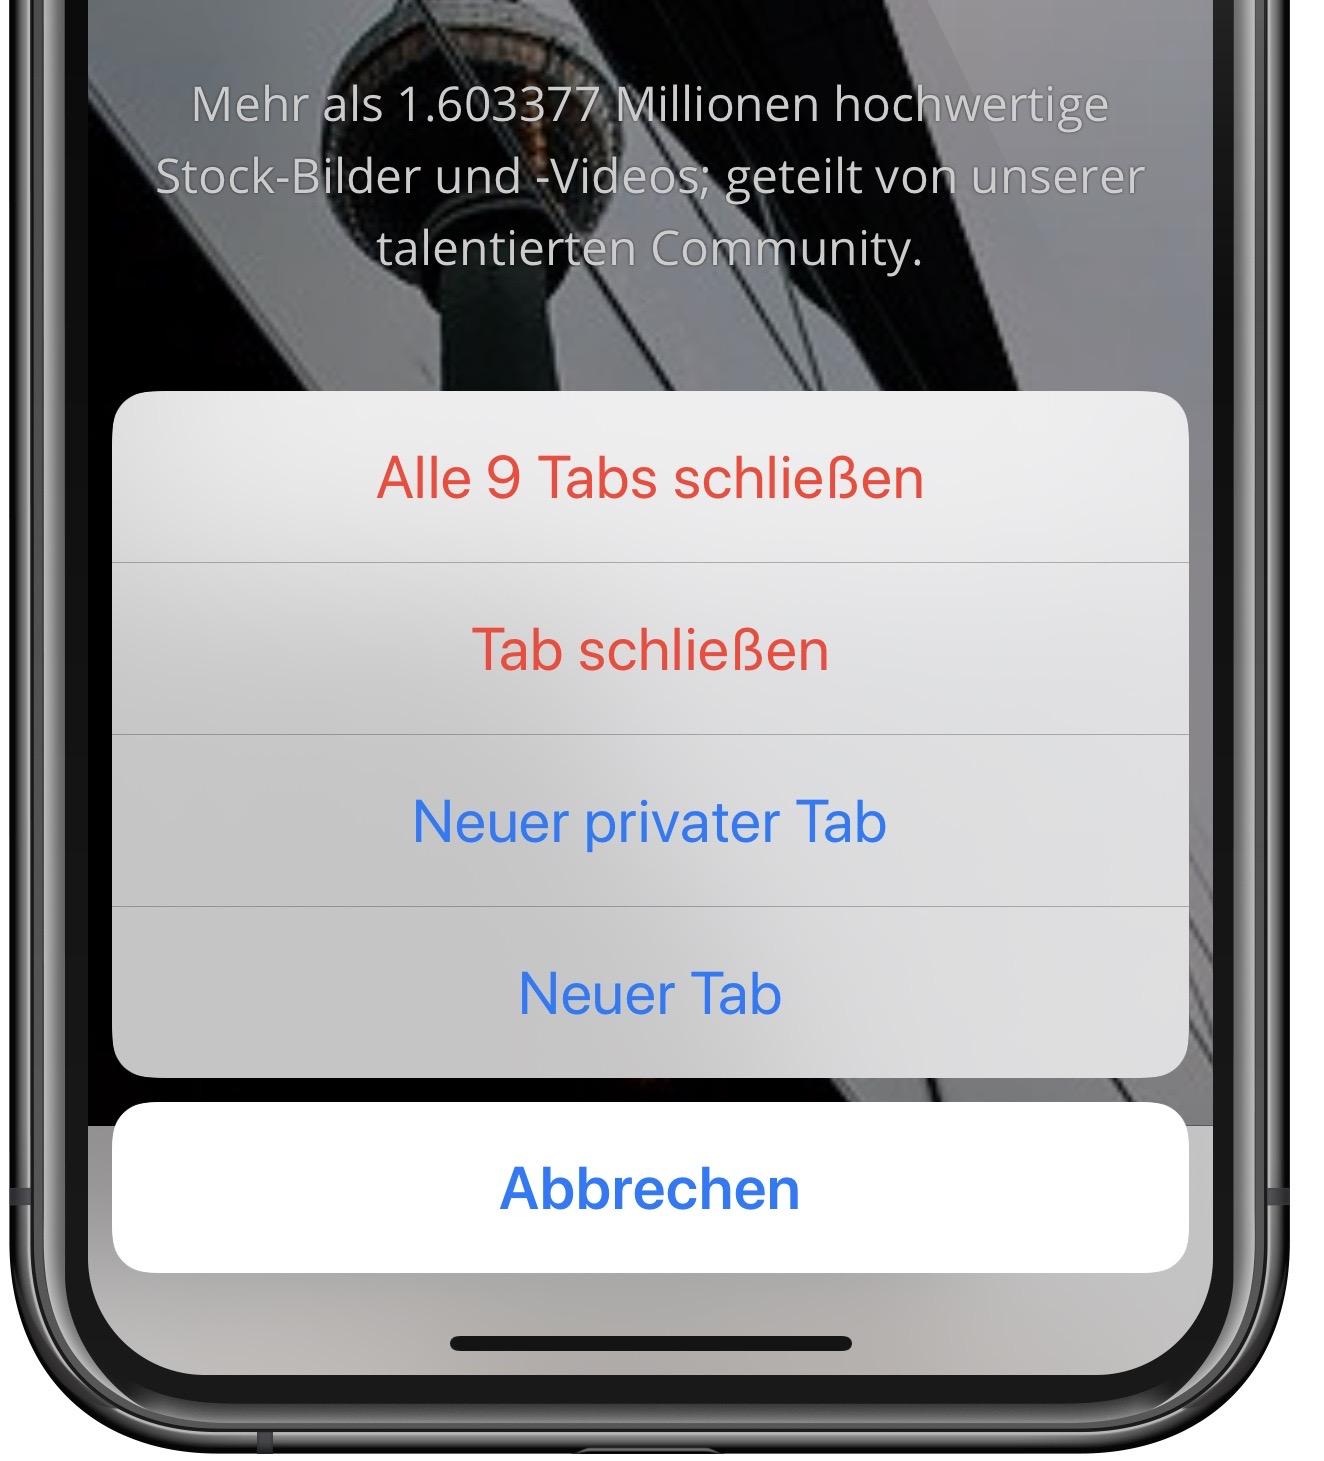 Mit nur einem Schritt können Sie alle offenen Safari-Tabs am iPhone schließen.